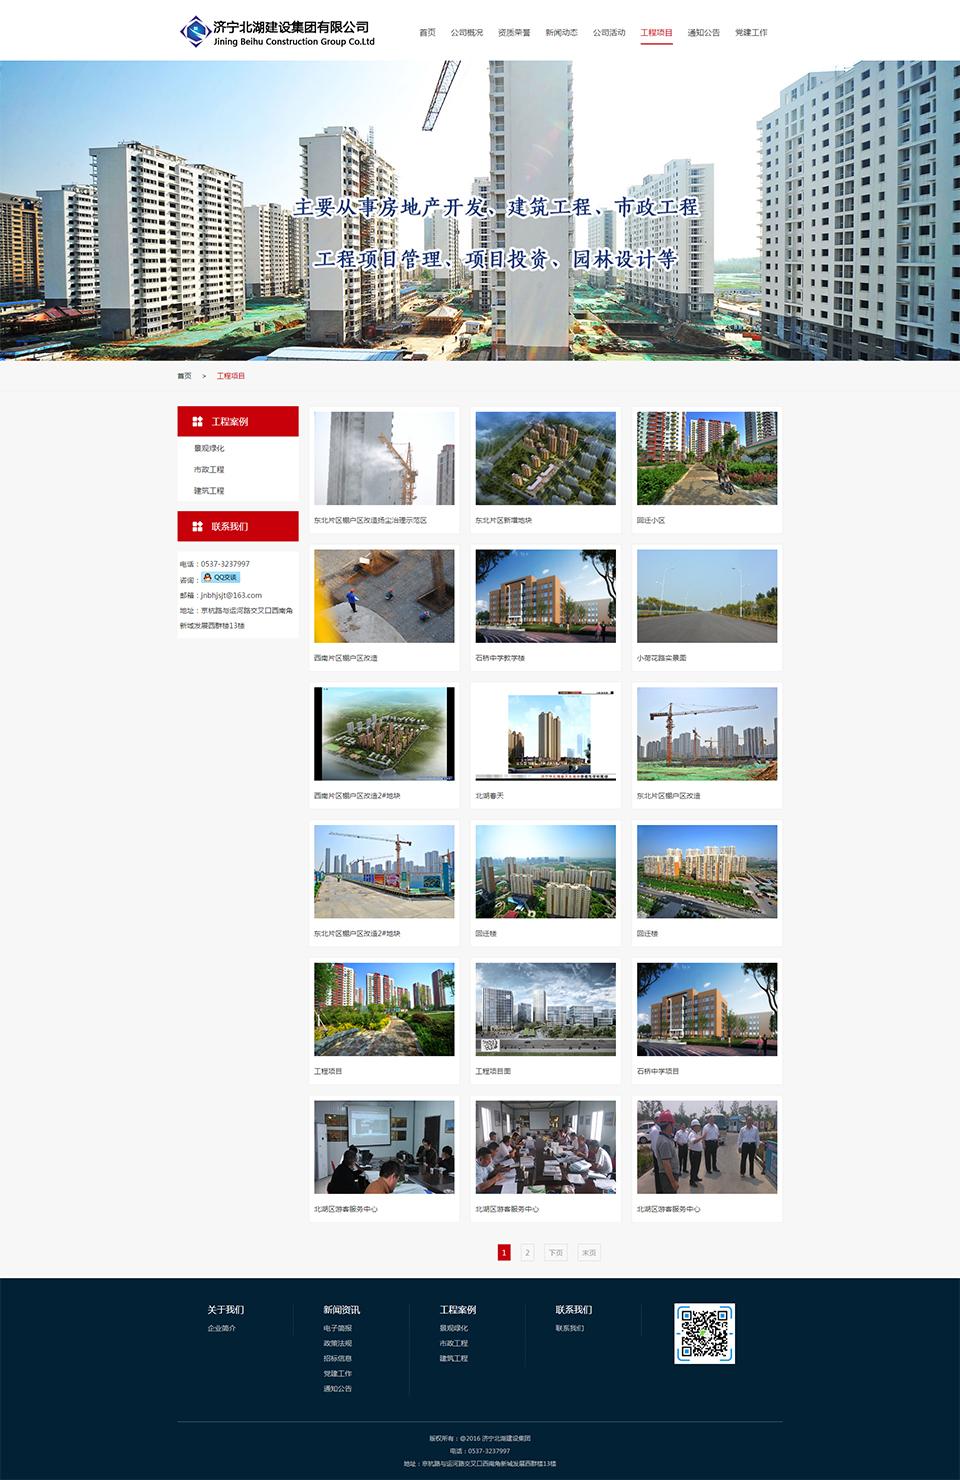 工程项目-济宁北湖建设集团.jpg